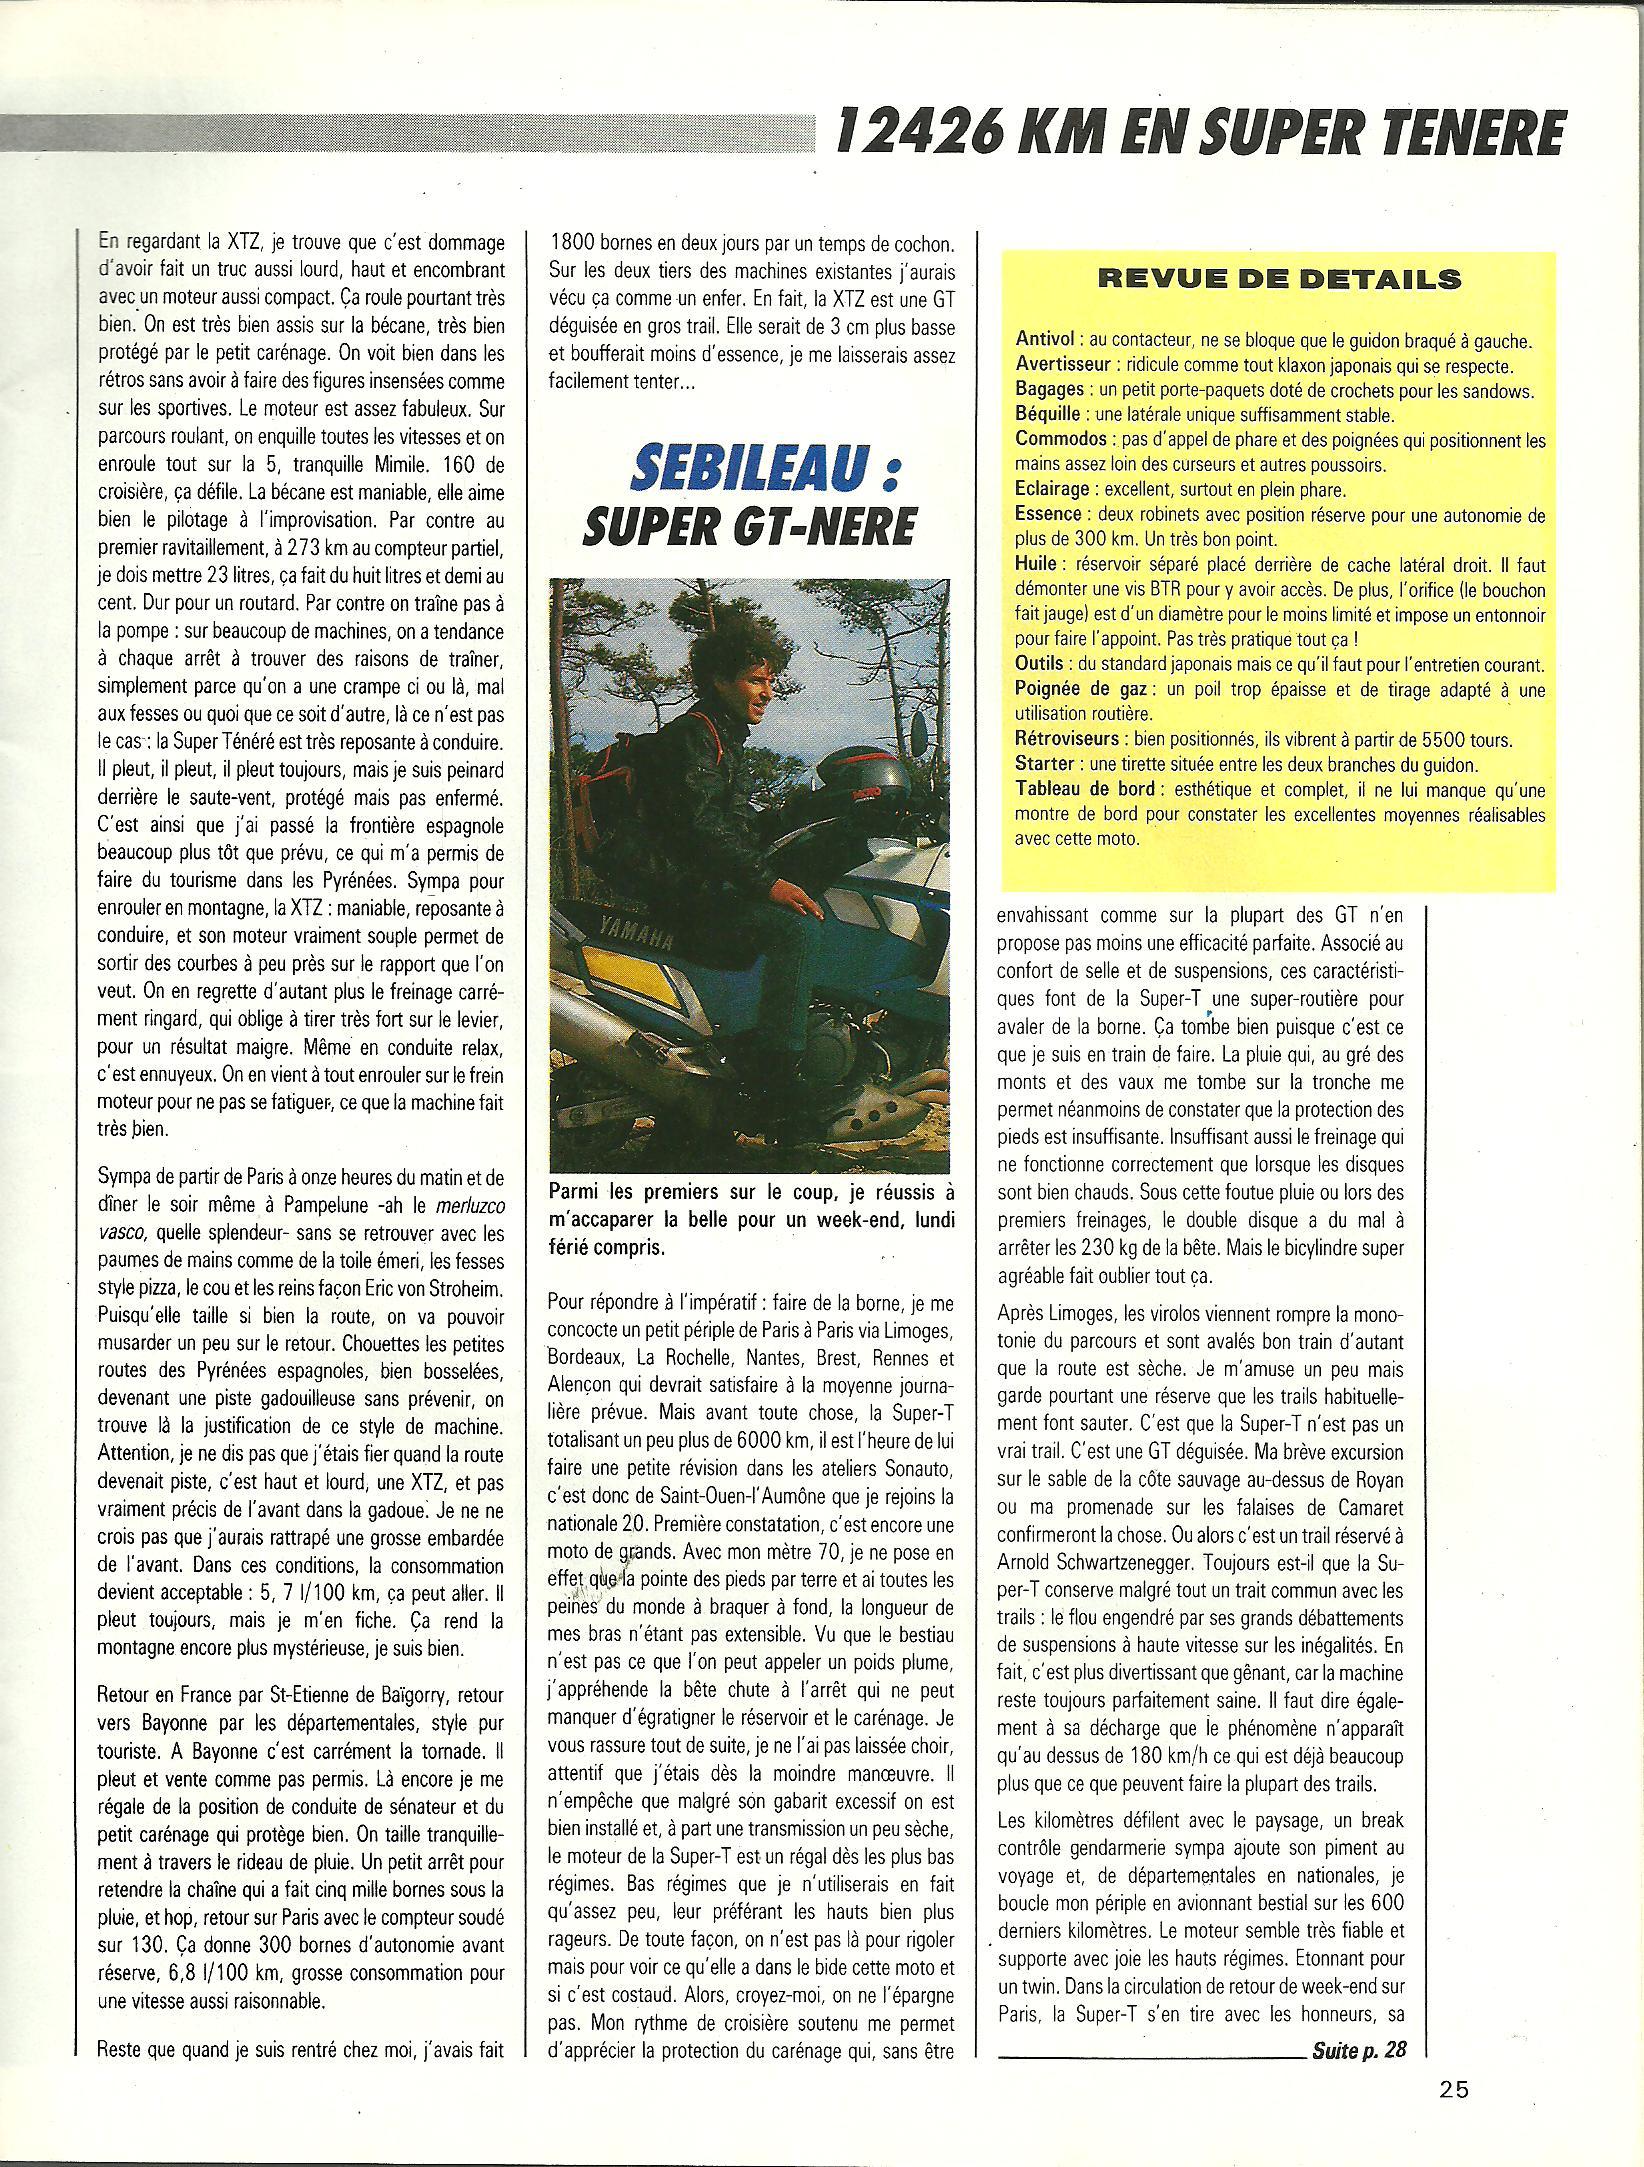 Essai longue durée 12'426km en Super ténéré 750 le 25 Mai 1989 656931p8001